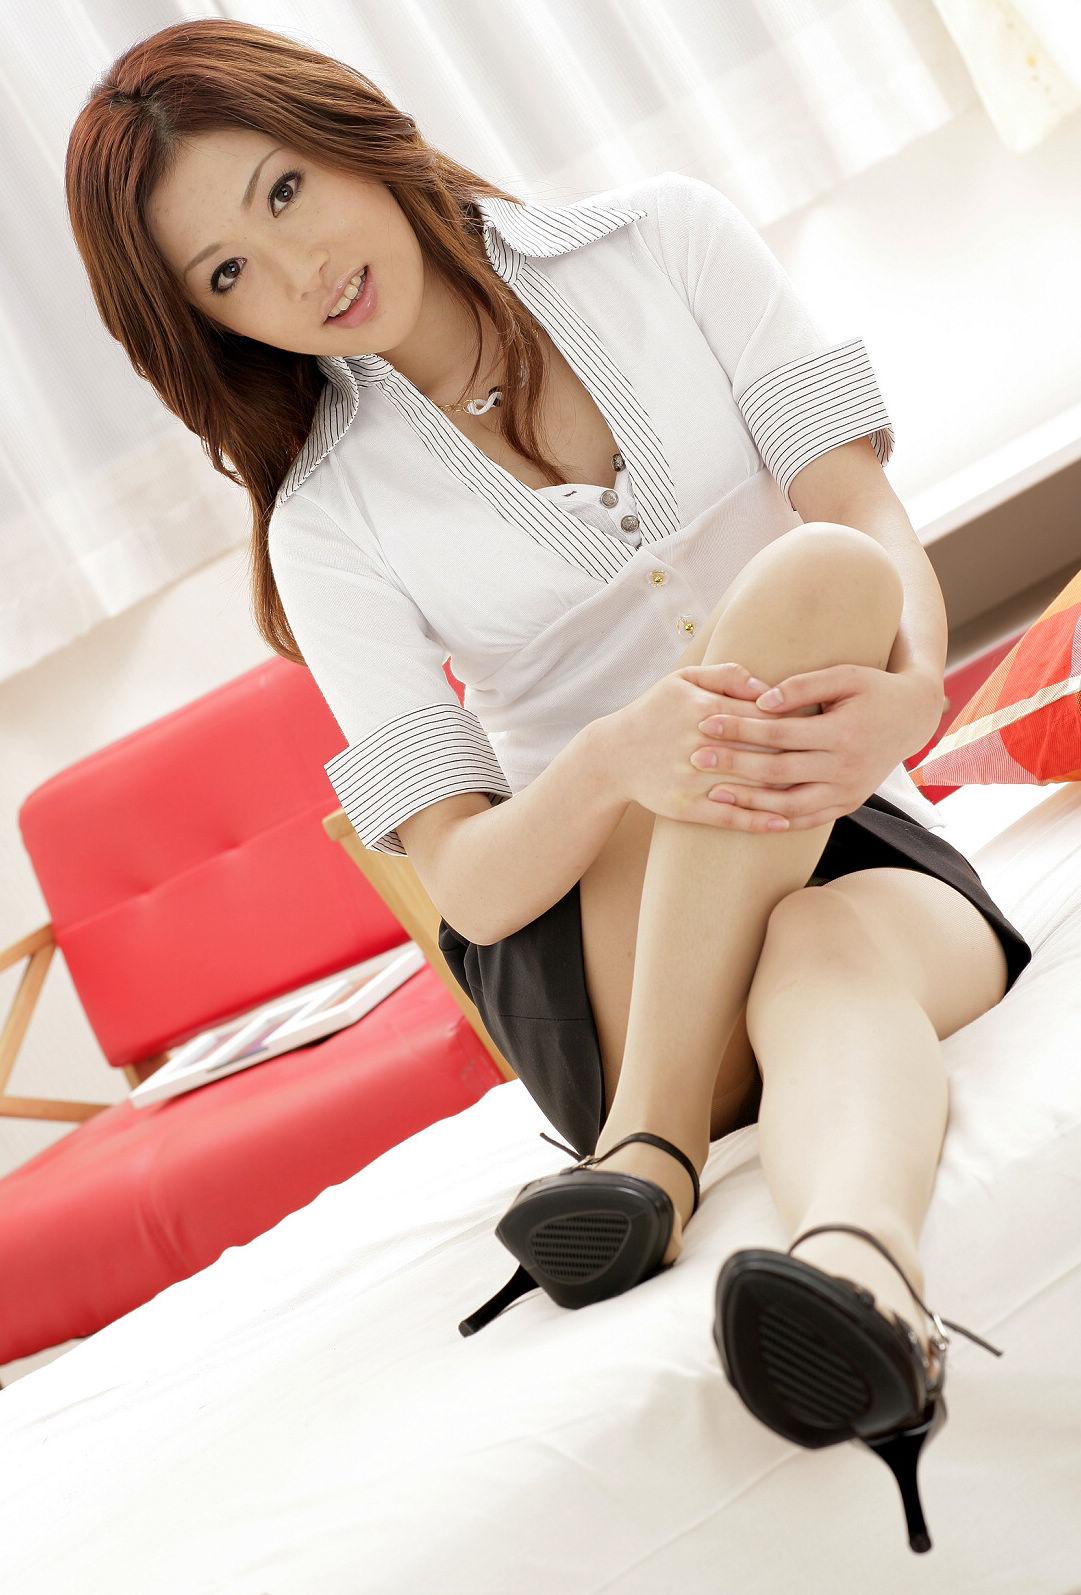 真正的美女 - huanglijun_168 - huanglijun